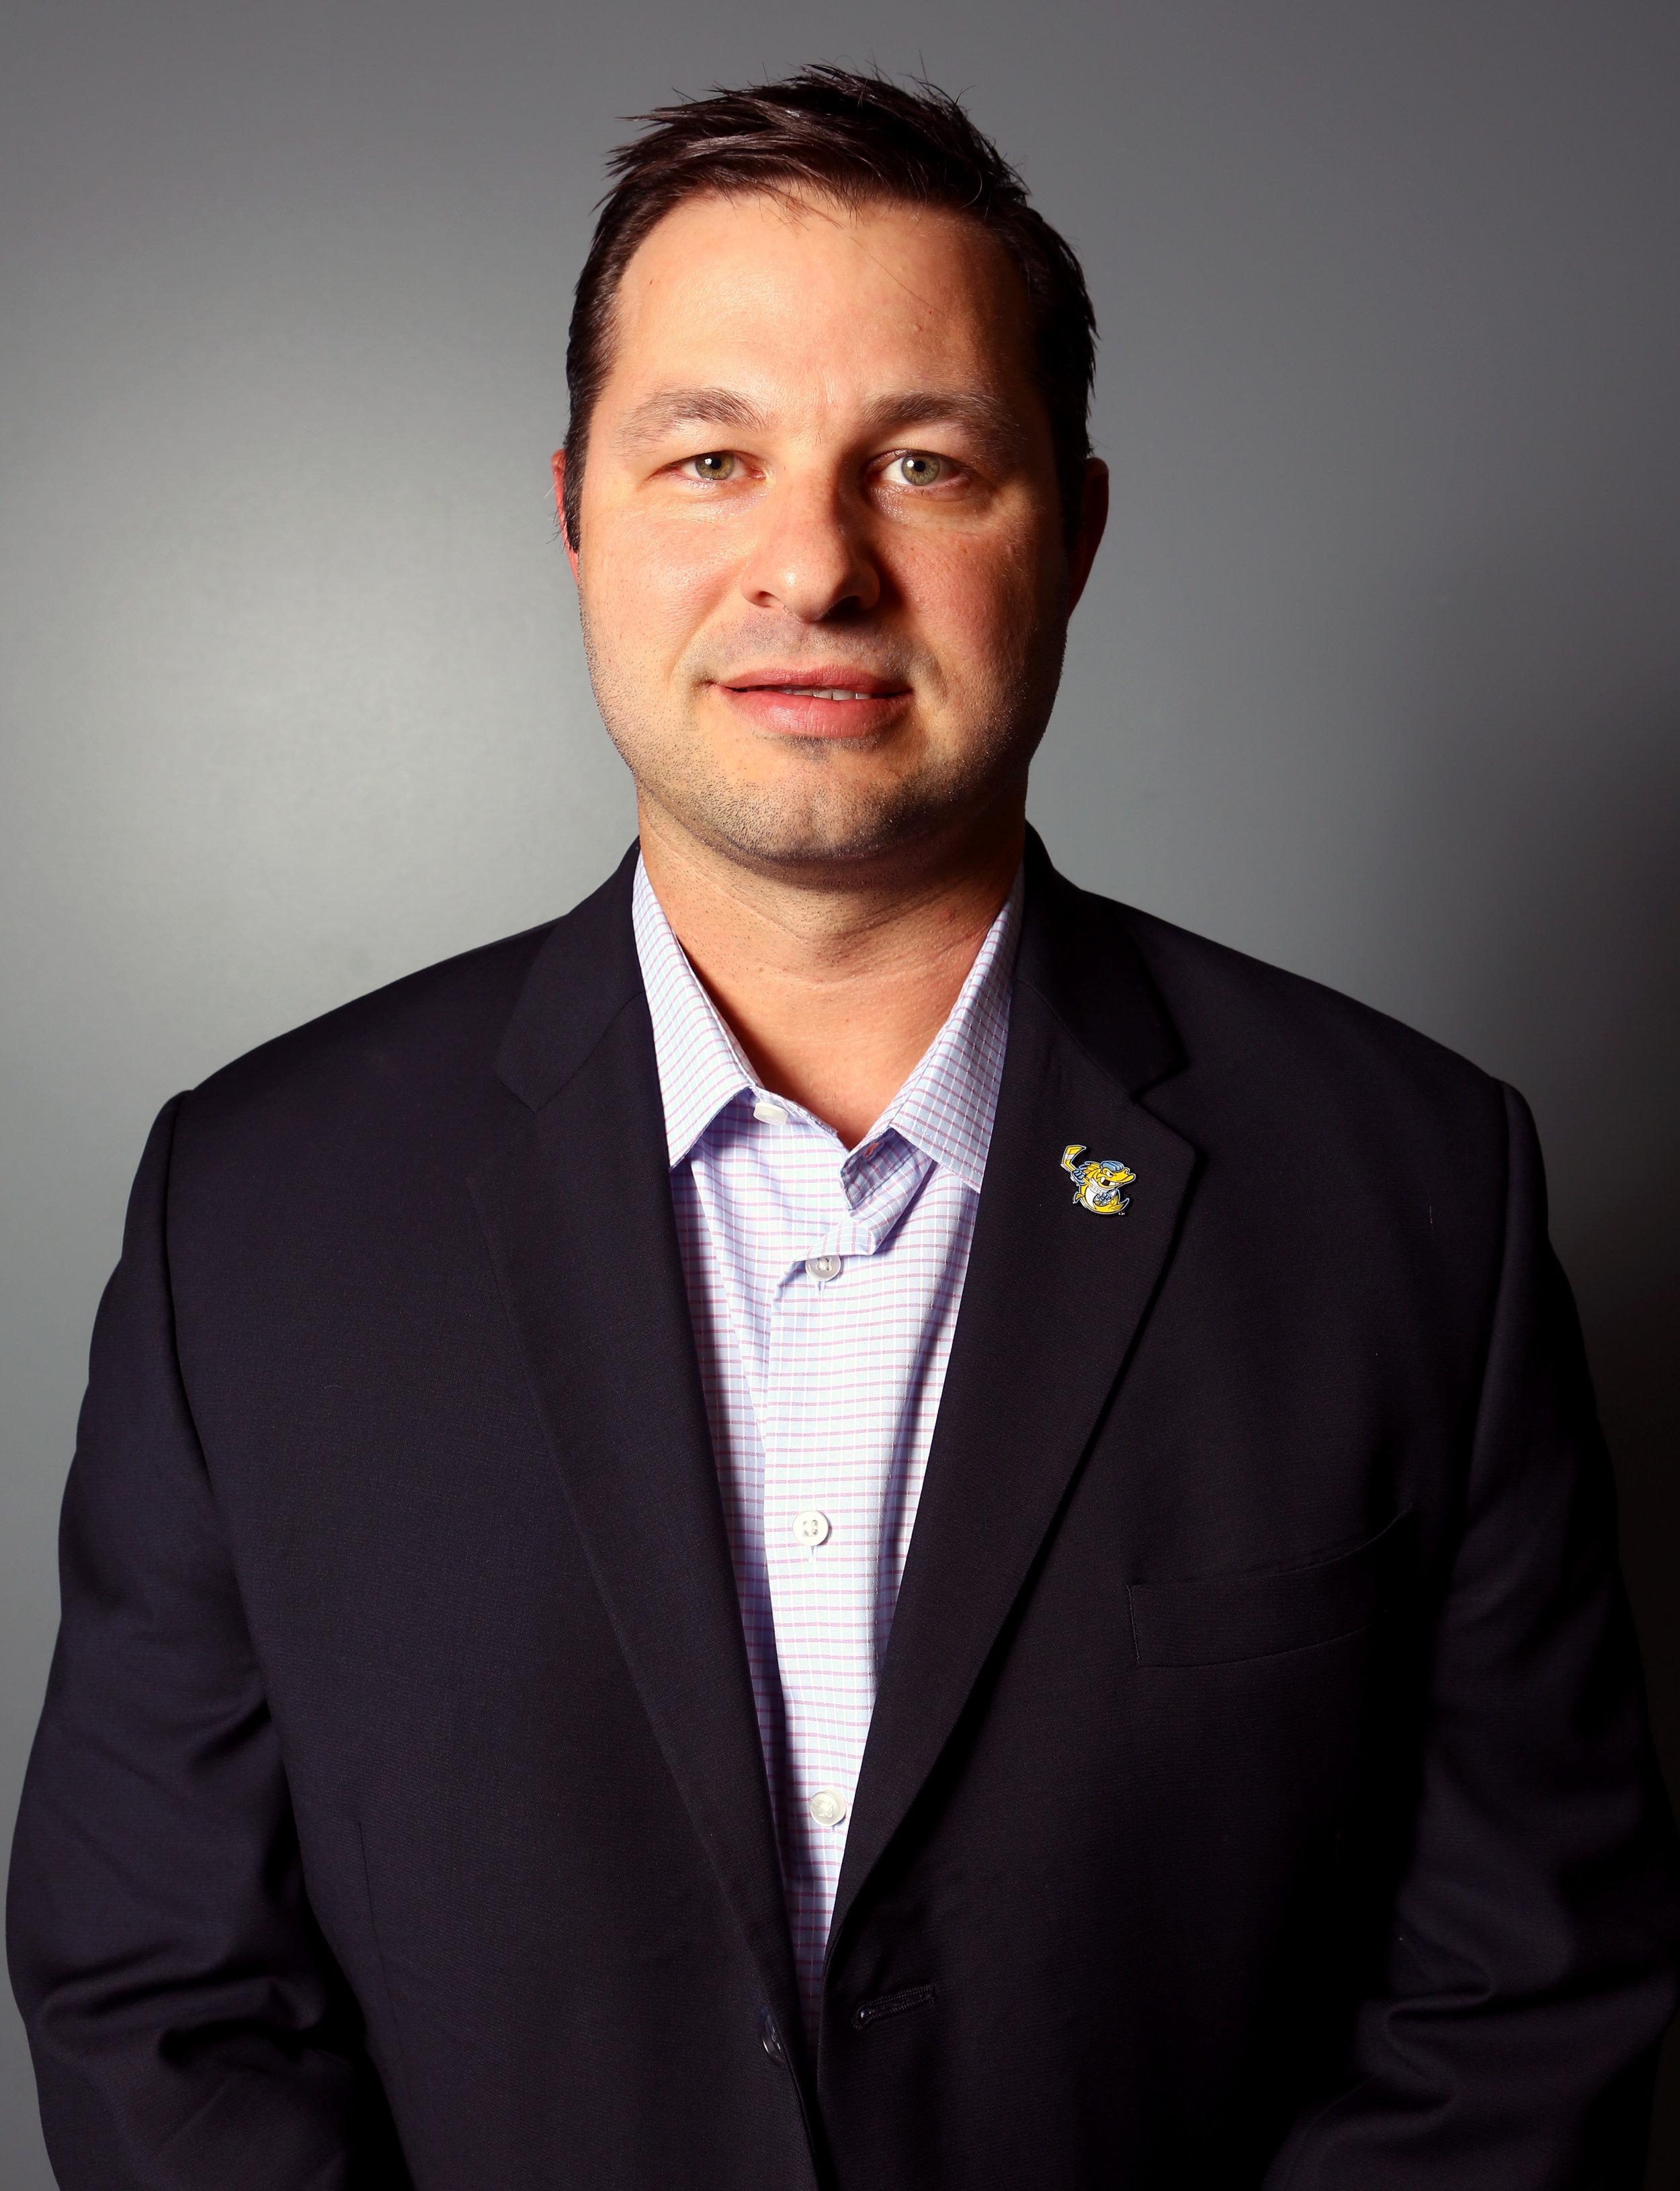 Head coach of the Toledo Walleye Dan Watson